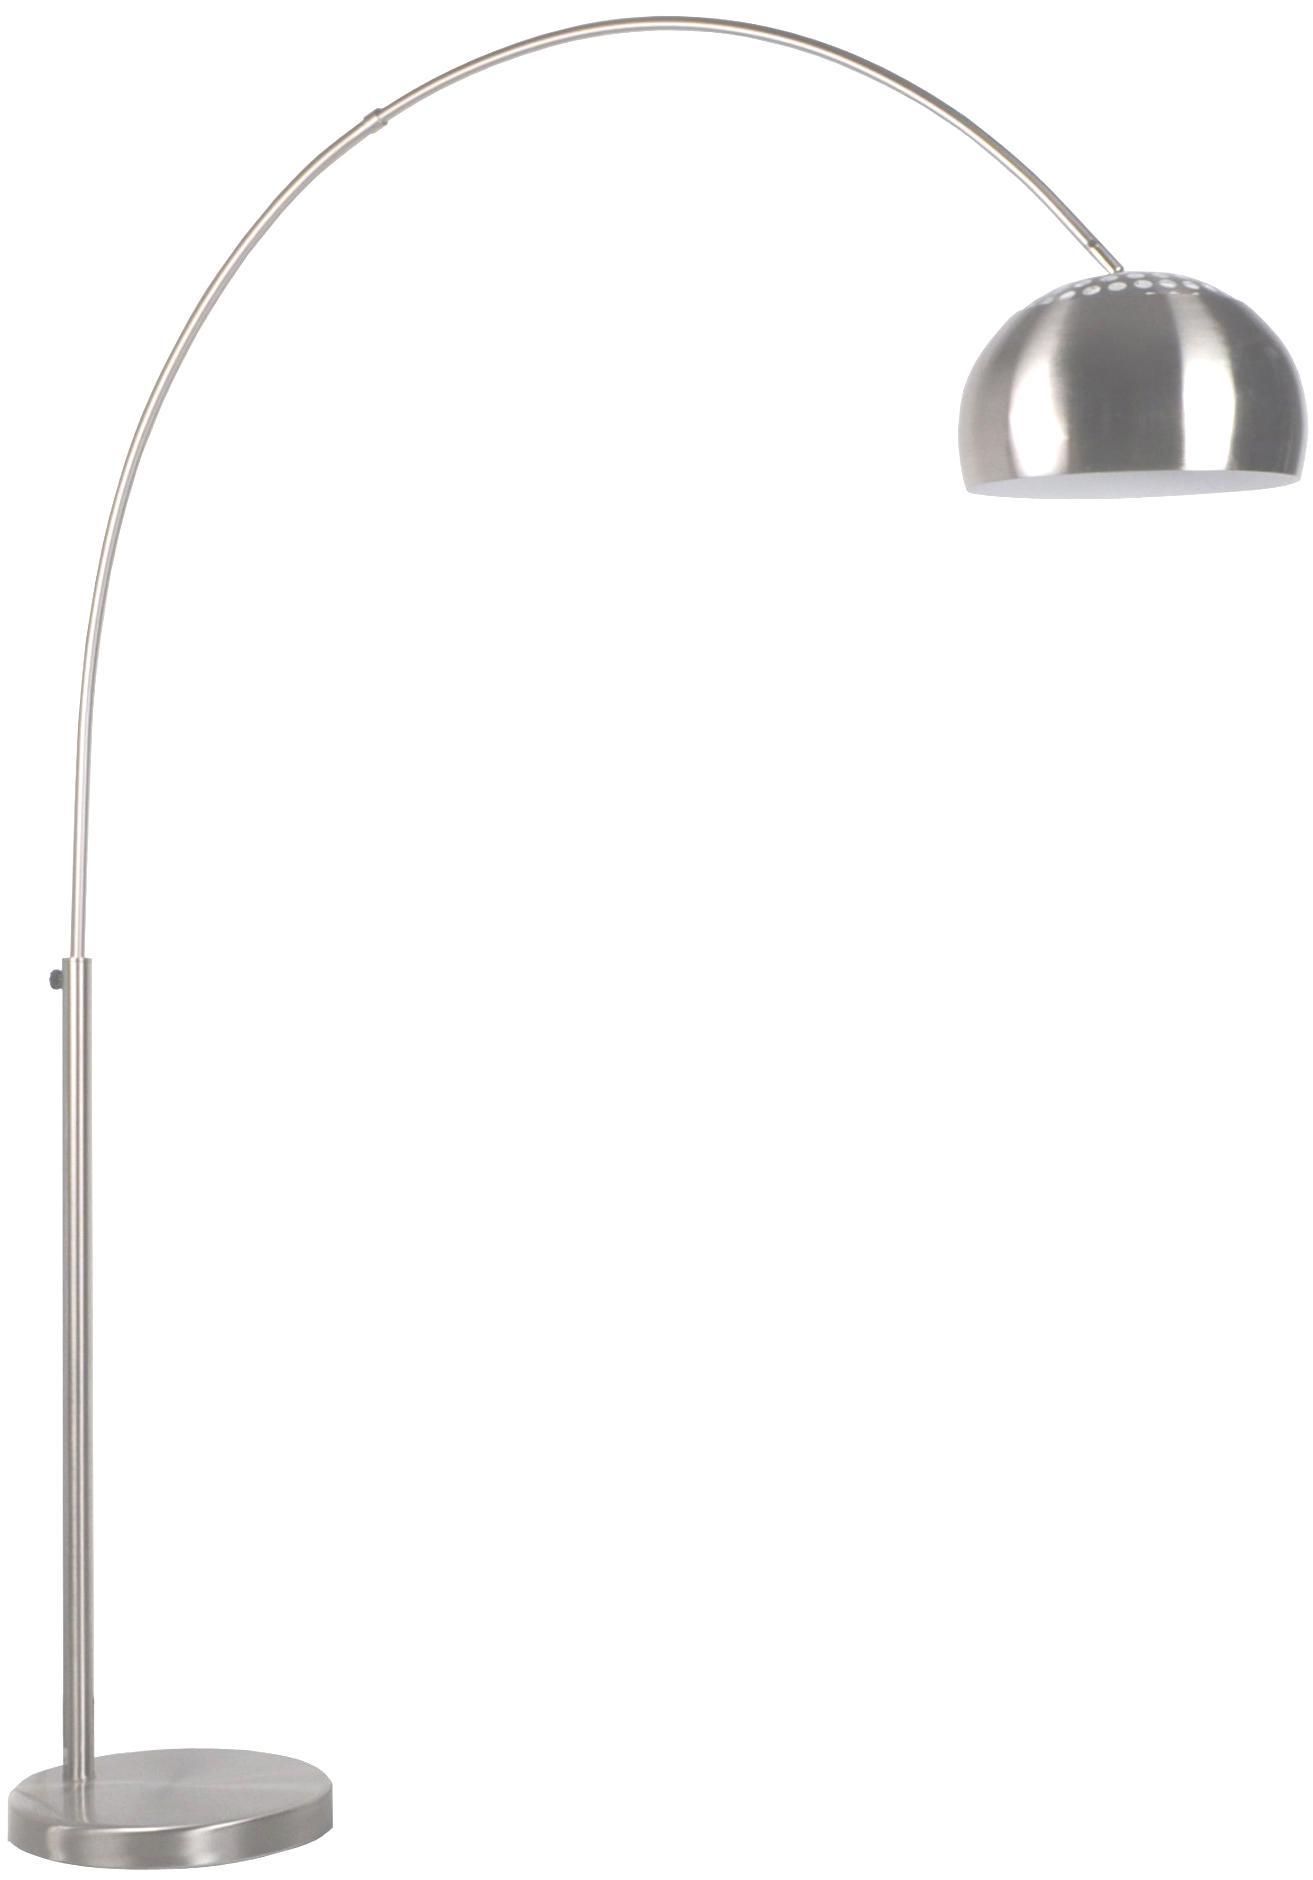 Booglamp Metal Bow, in hoogte verstelbaar, Lampvoet: marmer met metaalcoating, Metaalkleurig, 170 x 205 cm